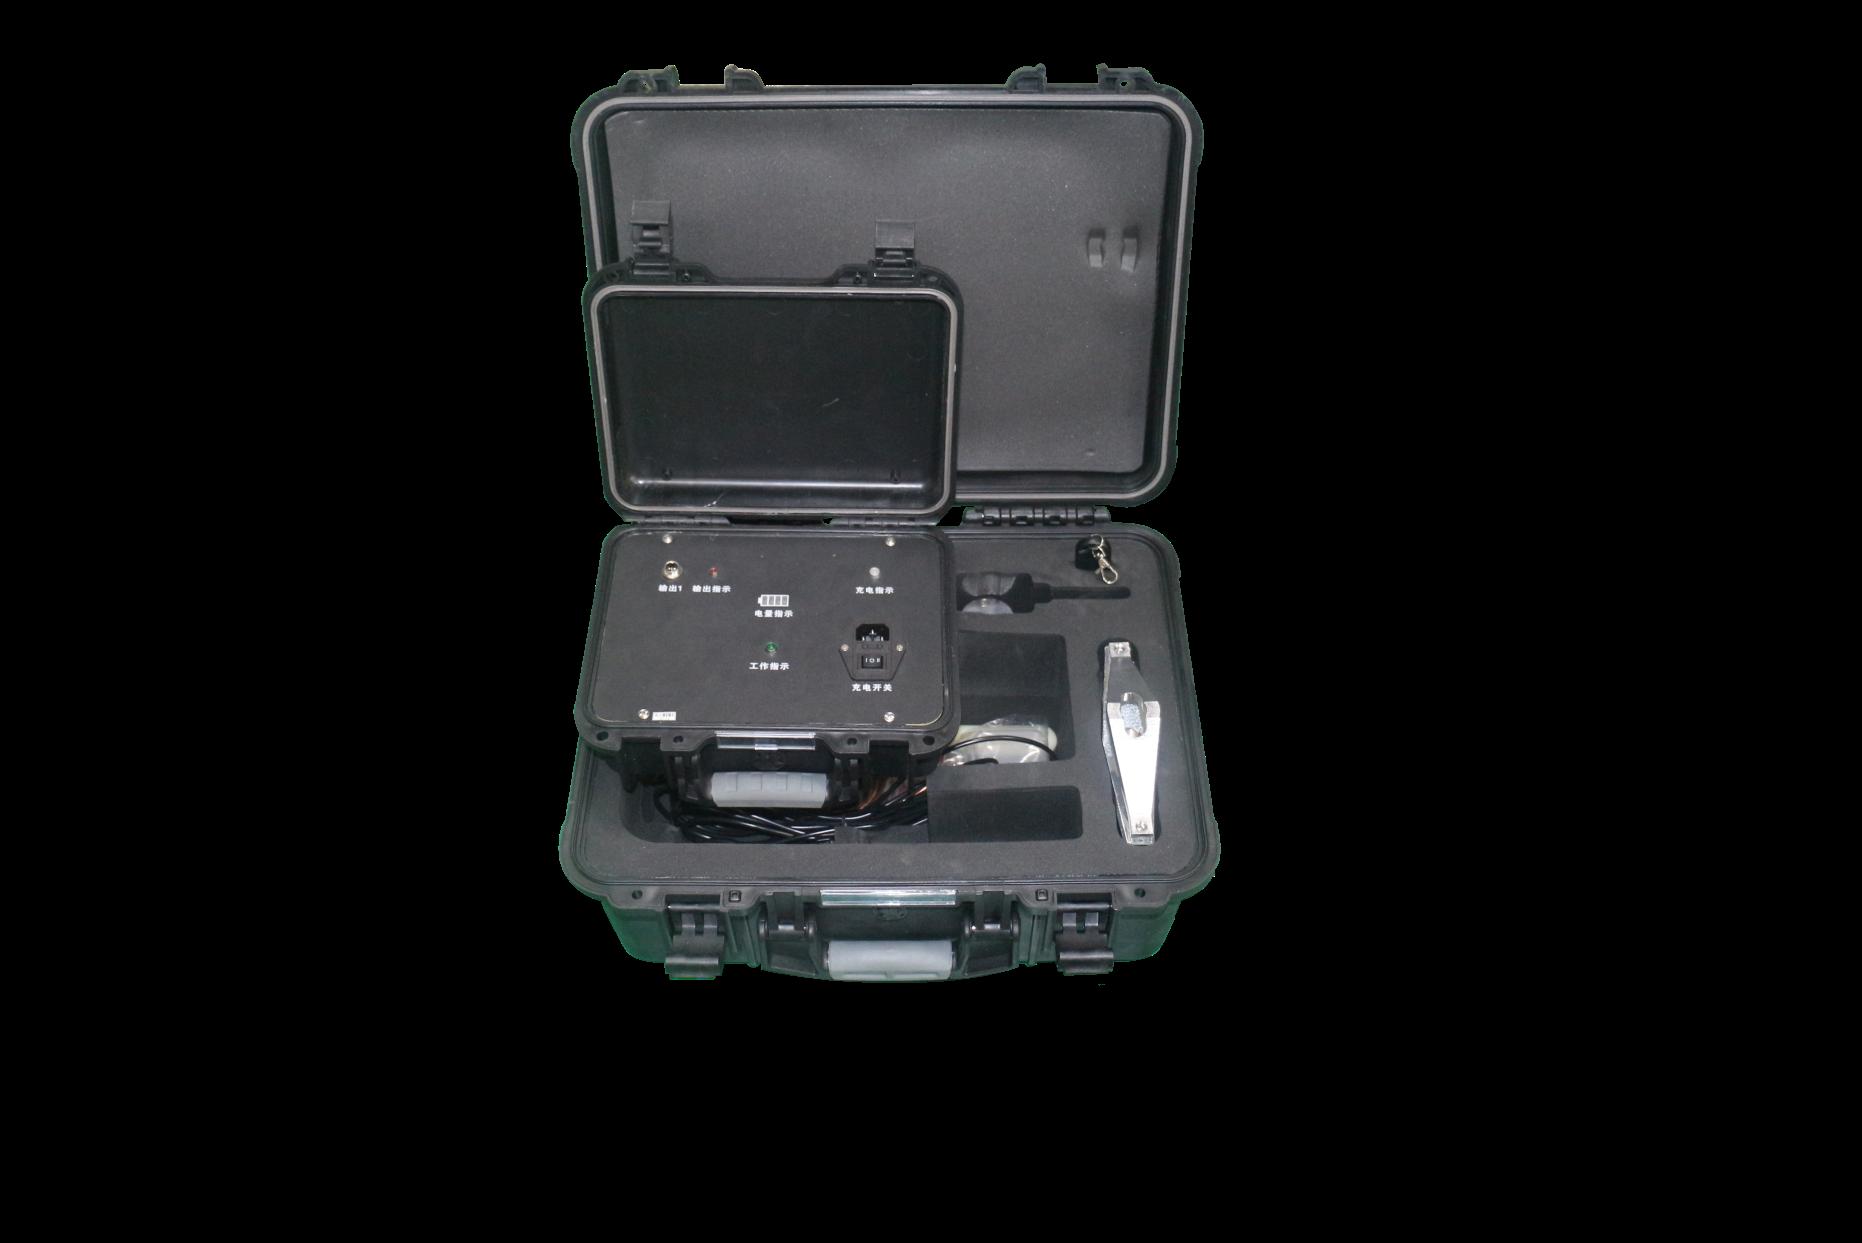 保护回路矢量分析仪_电能仪器仪表仪报价-武汉鄂电电力试验设备有限公司